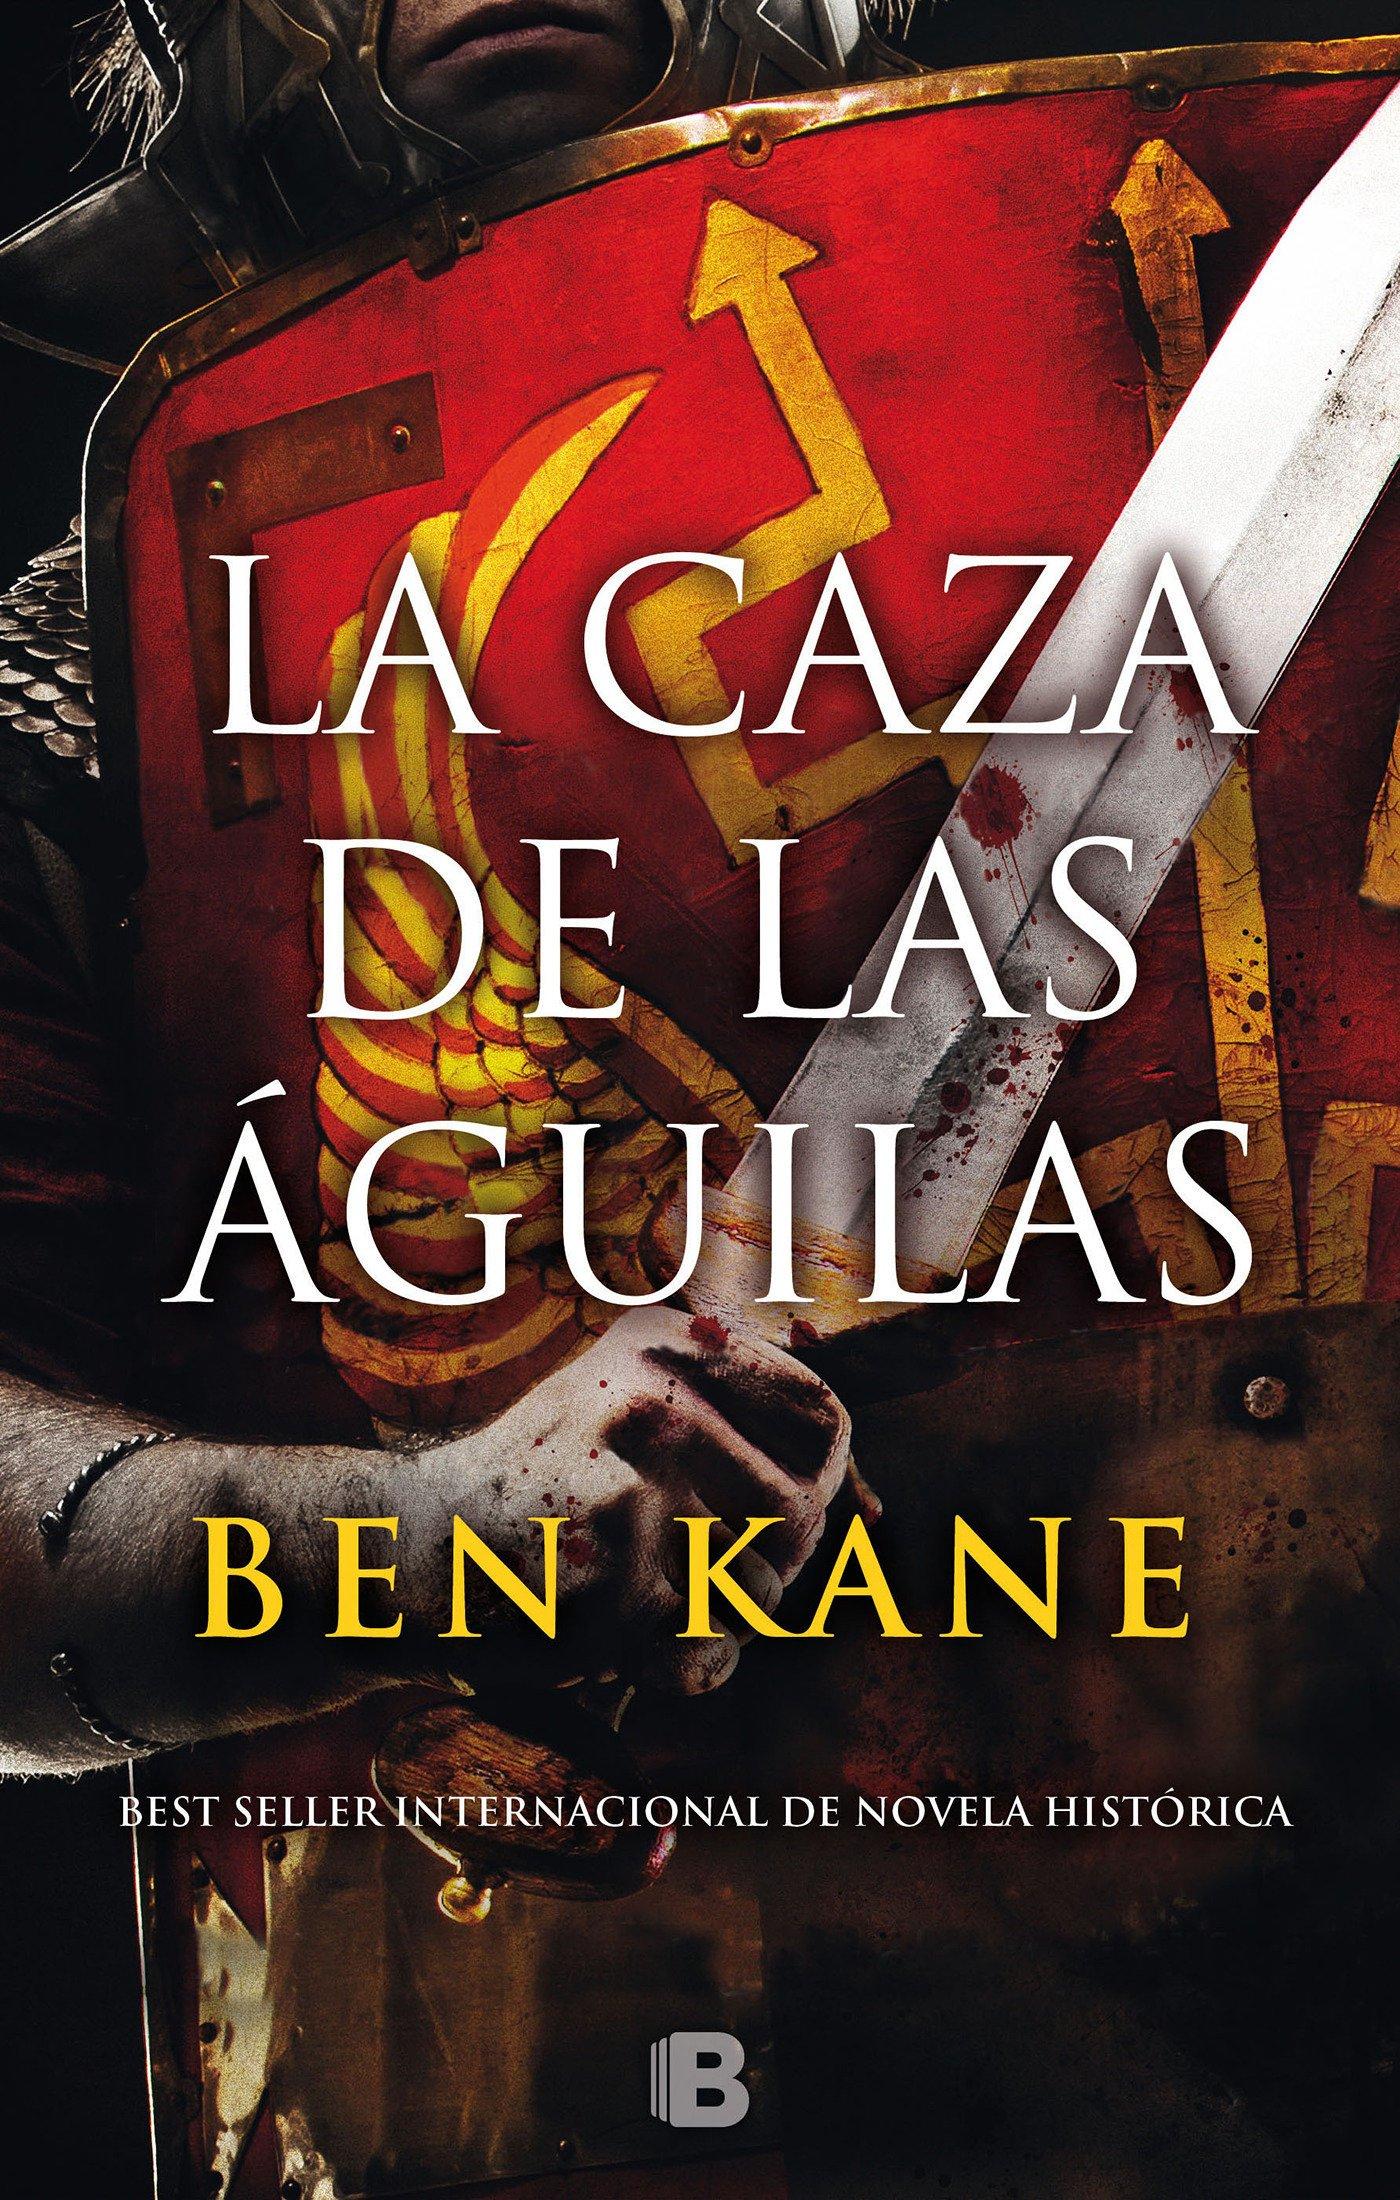 La caza de las águilas (Águilas de Roma 2) (HISTÓRICA) Tapa dura – 13 oct 2016 Ben Kane B (Ediciones B) 8466659110 Romans; Germany; Fiction.